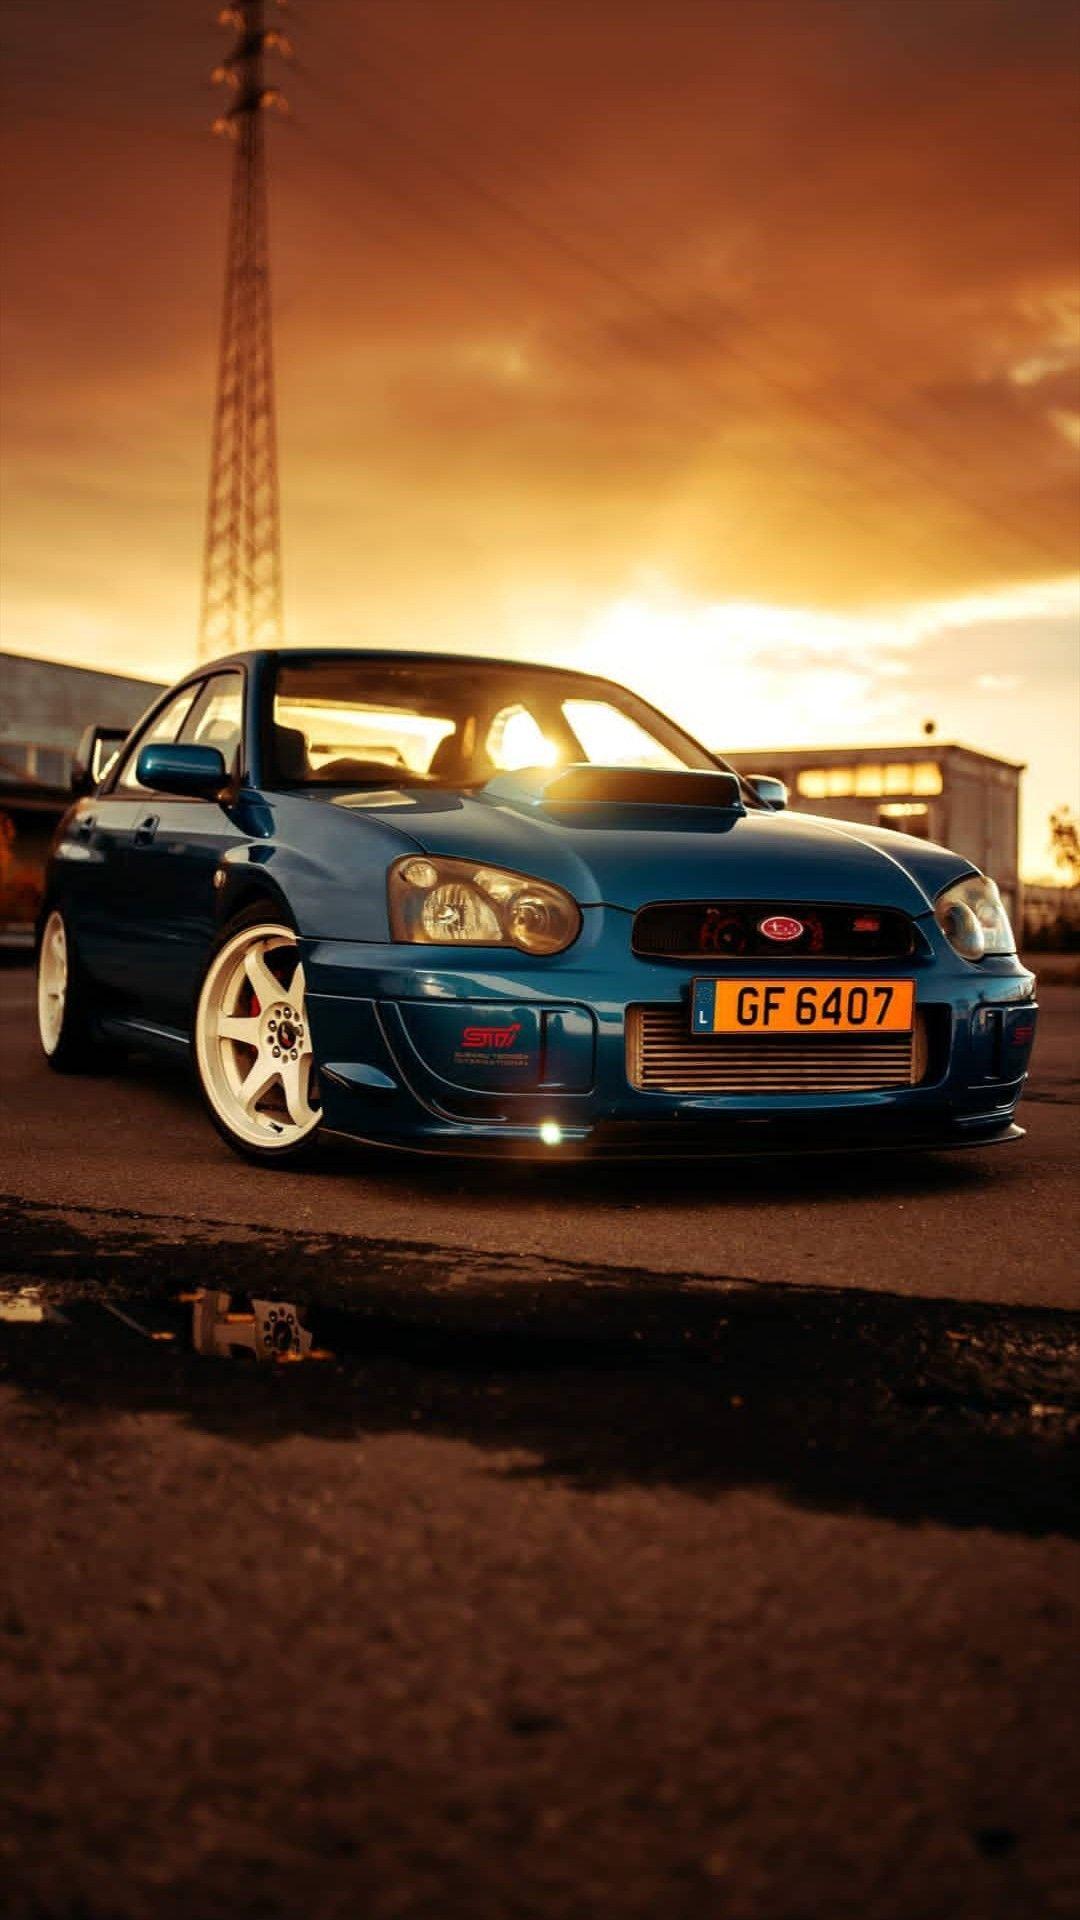 Dream Cars Subaru Cars Subaru Wrx Cars